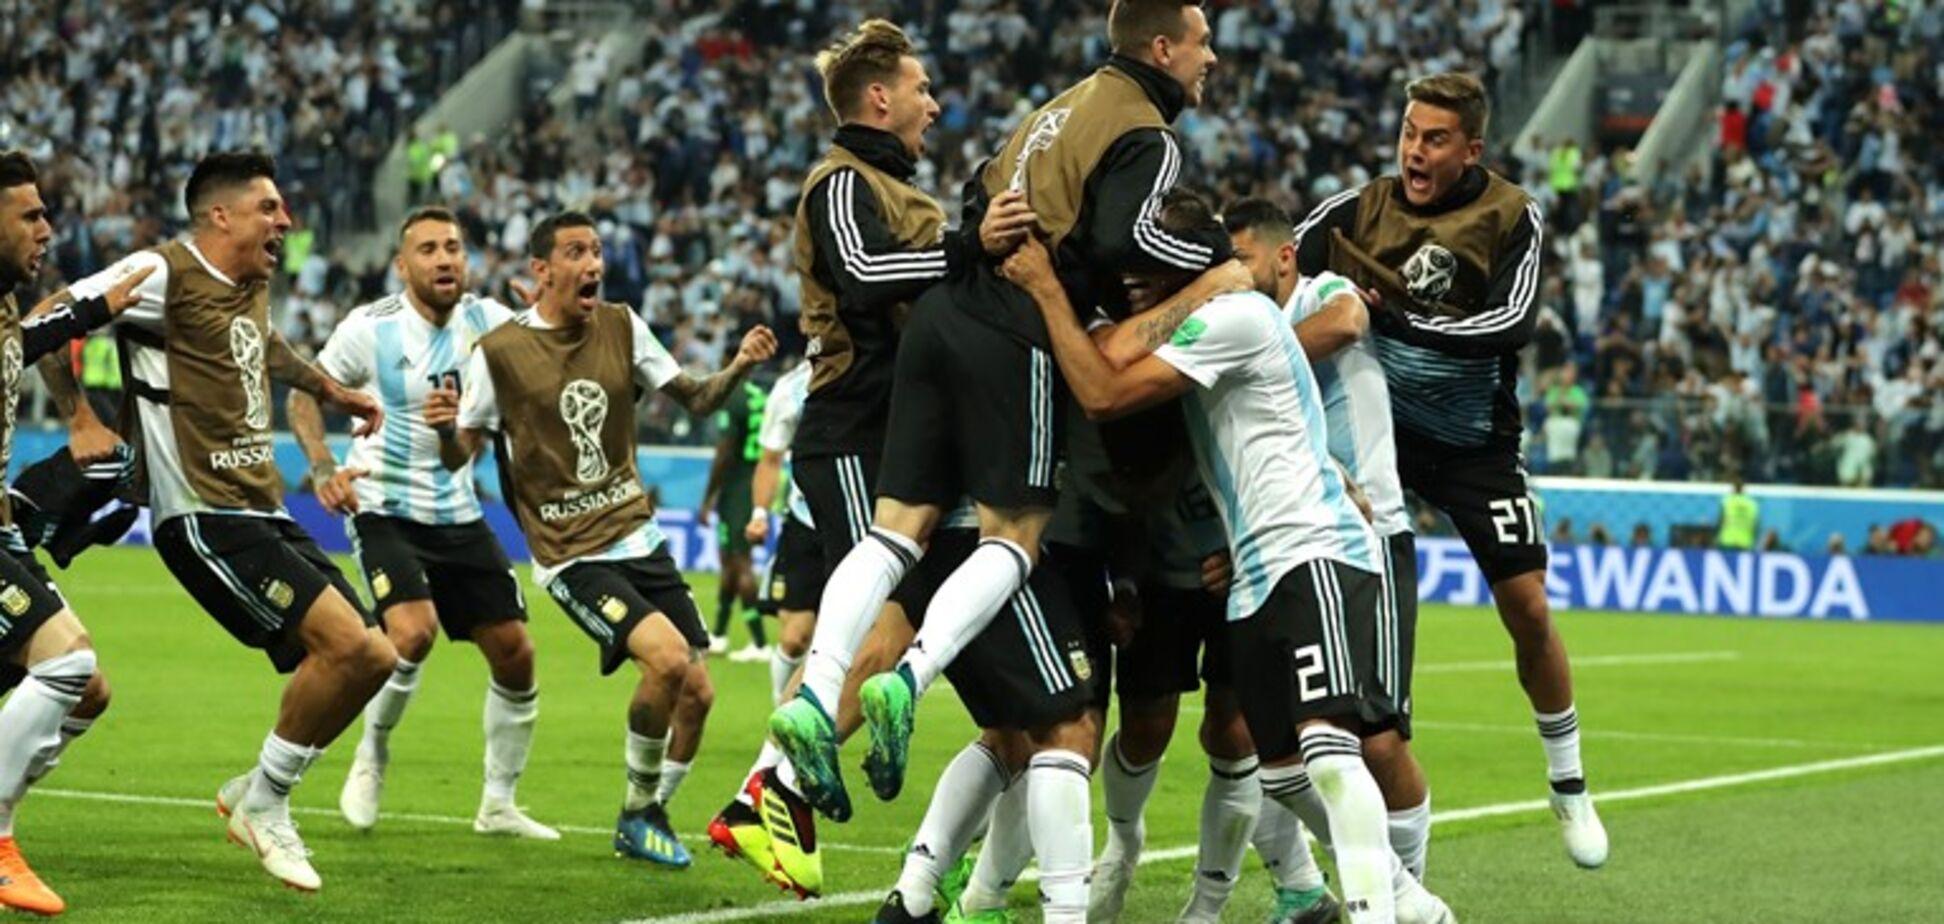 Нігерія - Аргентина - 1:2: онлайн-трансляція матчу ЧС-2018